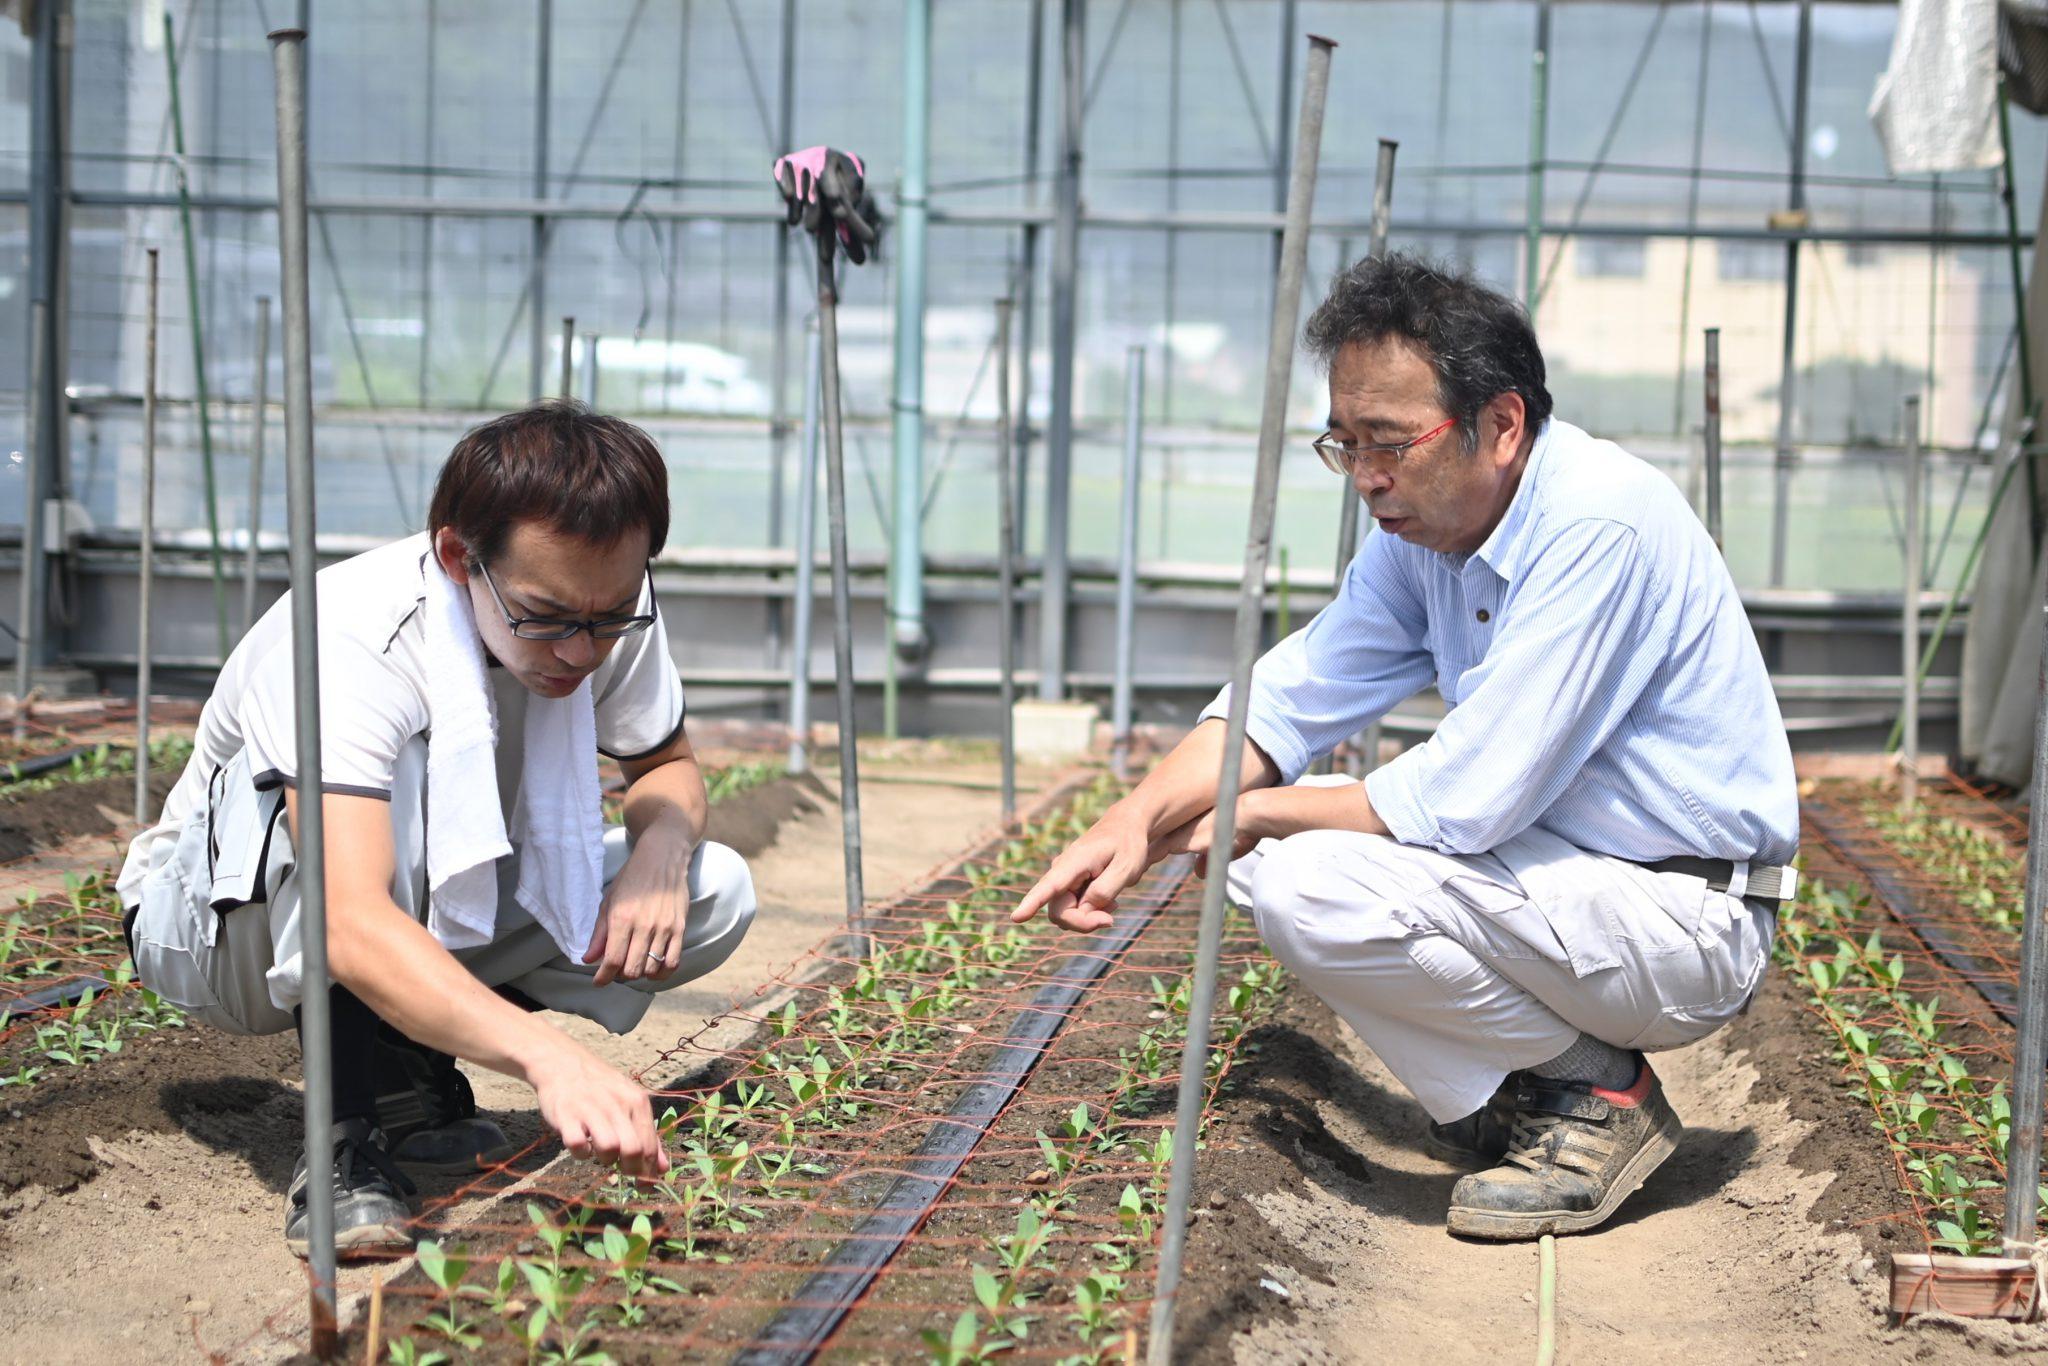 トルコギキョウ 高圧ナトリウムランプ使い花芽の枯死防ぐ 優れた技術で経営再興 静岡市・遠藤弥宏さん